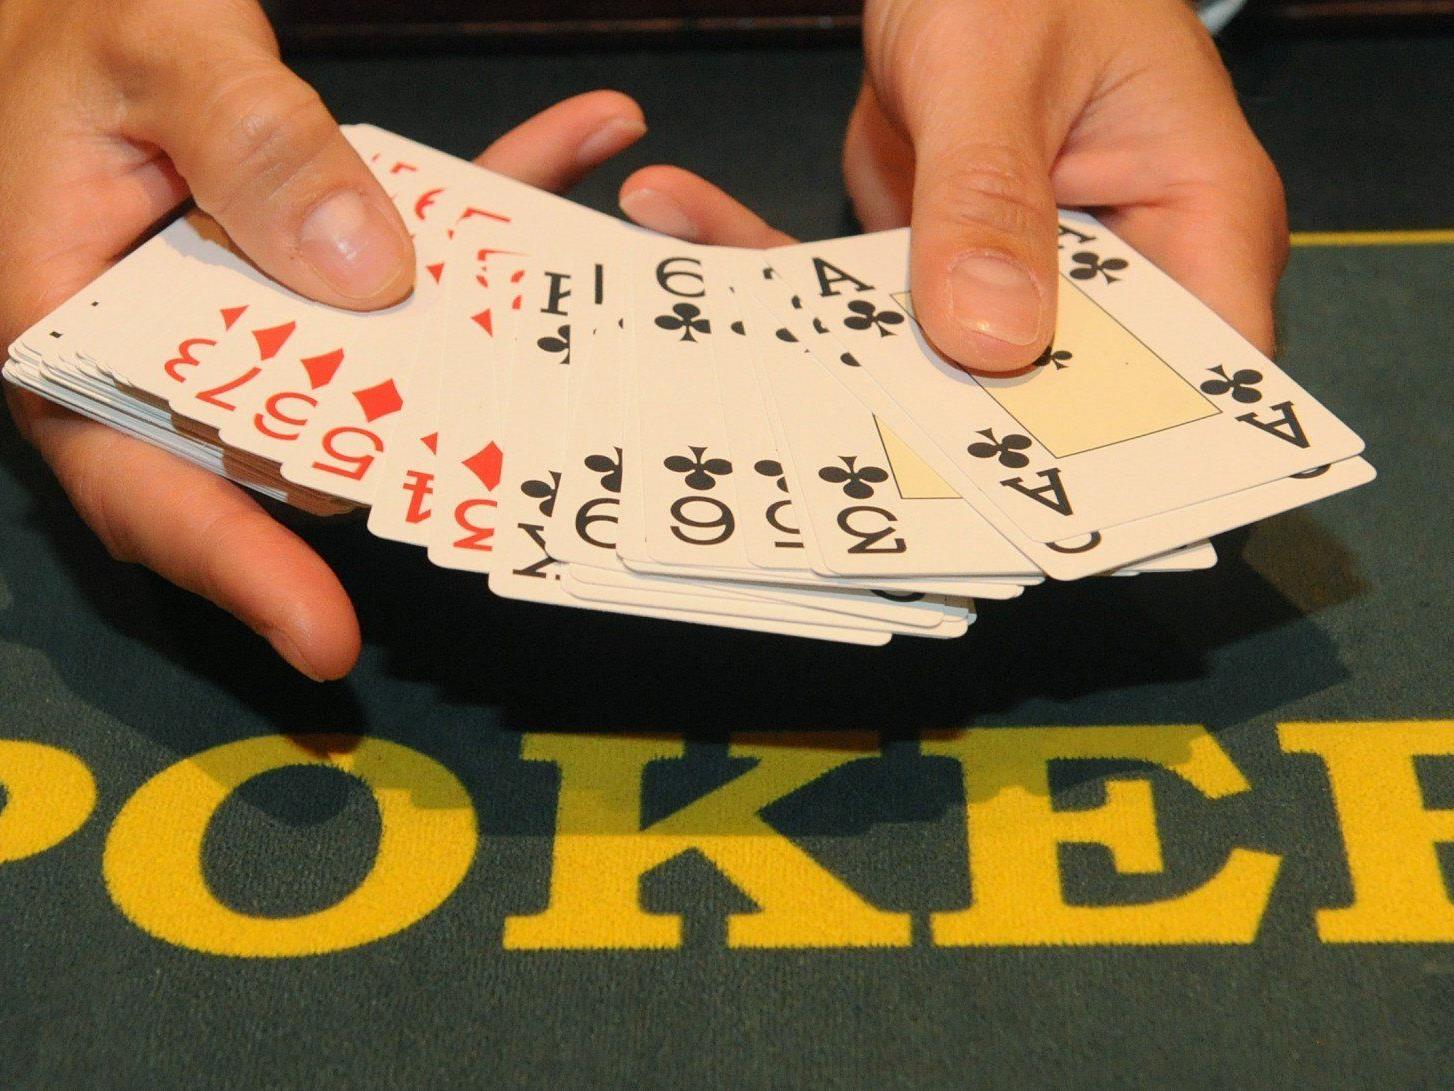 Sechs Poker-Betrüger wurden in Südfrankreich verurteilt, sie hatten das Spiel mit Infrarot-Linsen und gezinkten Karten manipuliert.